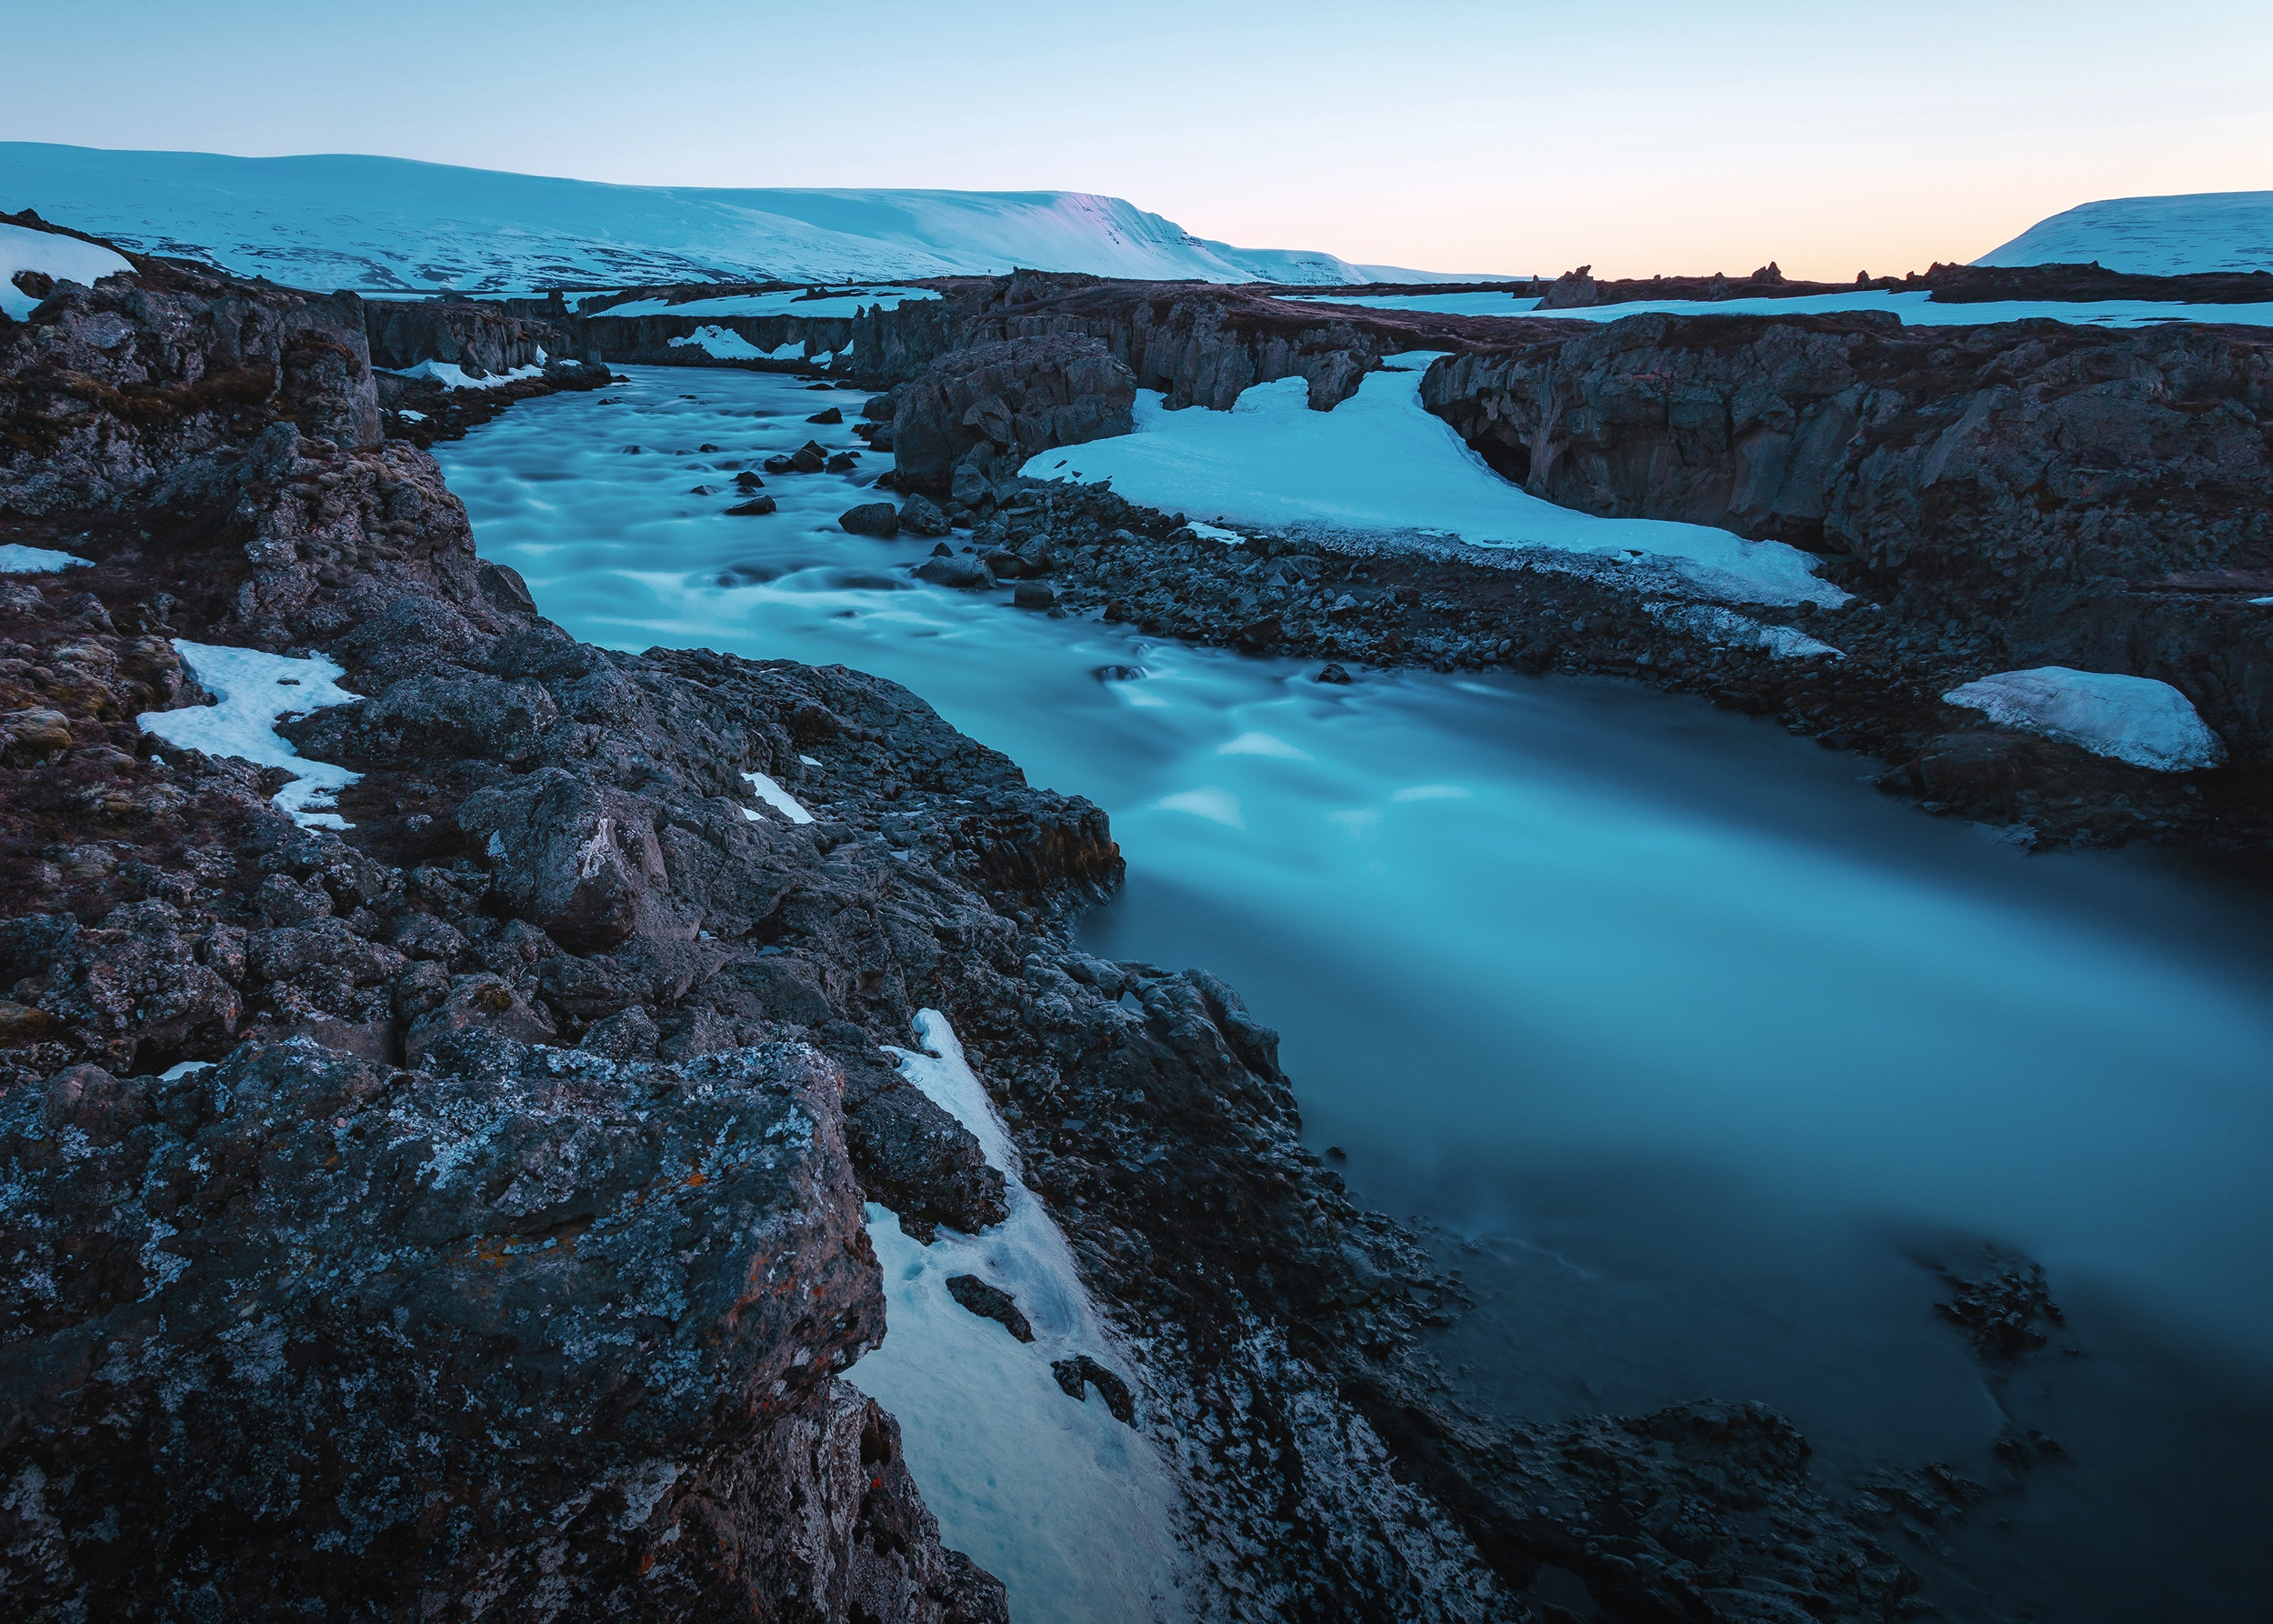 158082 fond d'écran 720x1280 sur votre téléphone gratuitement, téléchargez des images Nature, Cascade, Islande, Godafoss 720x1280 sur votre mobile